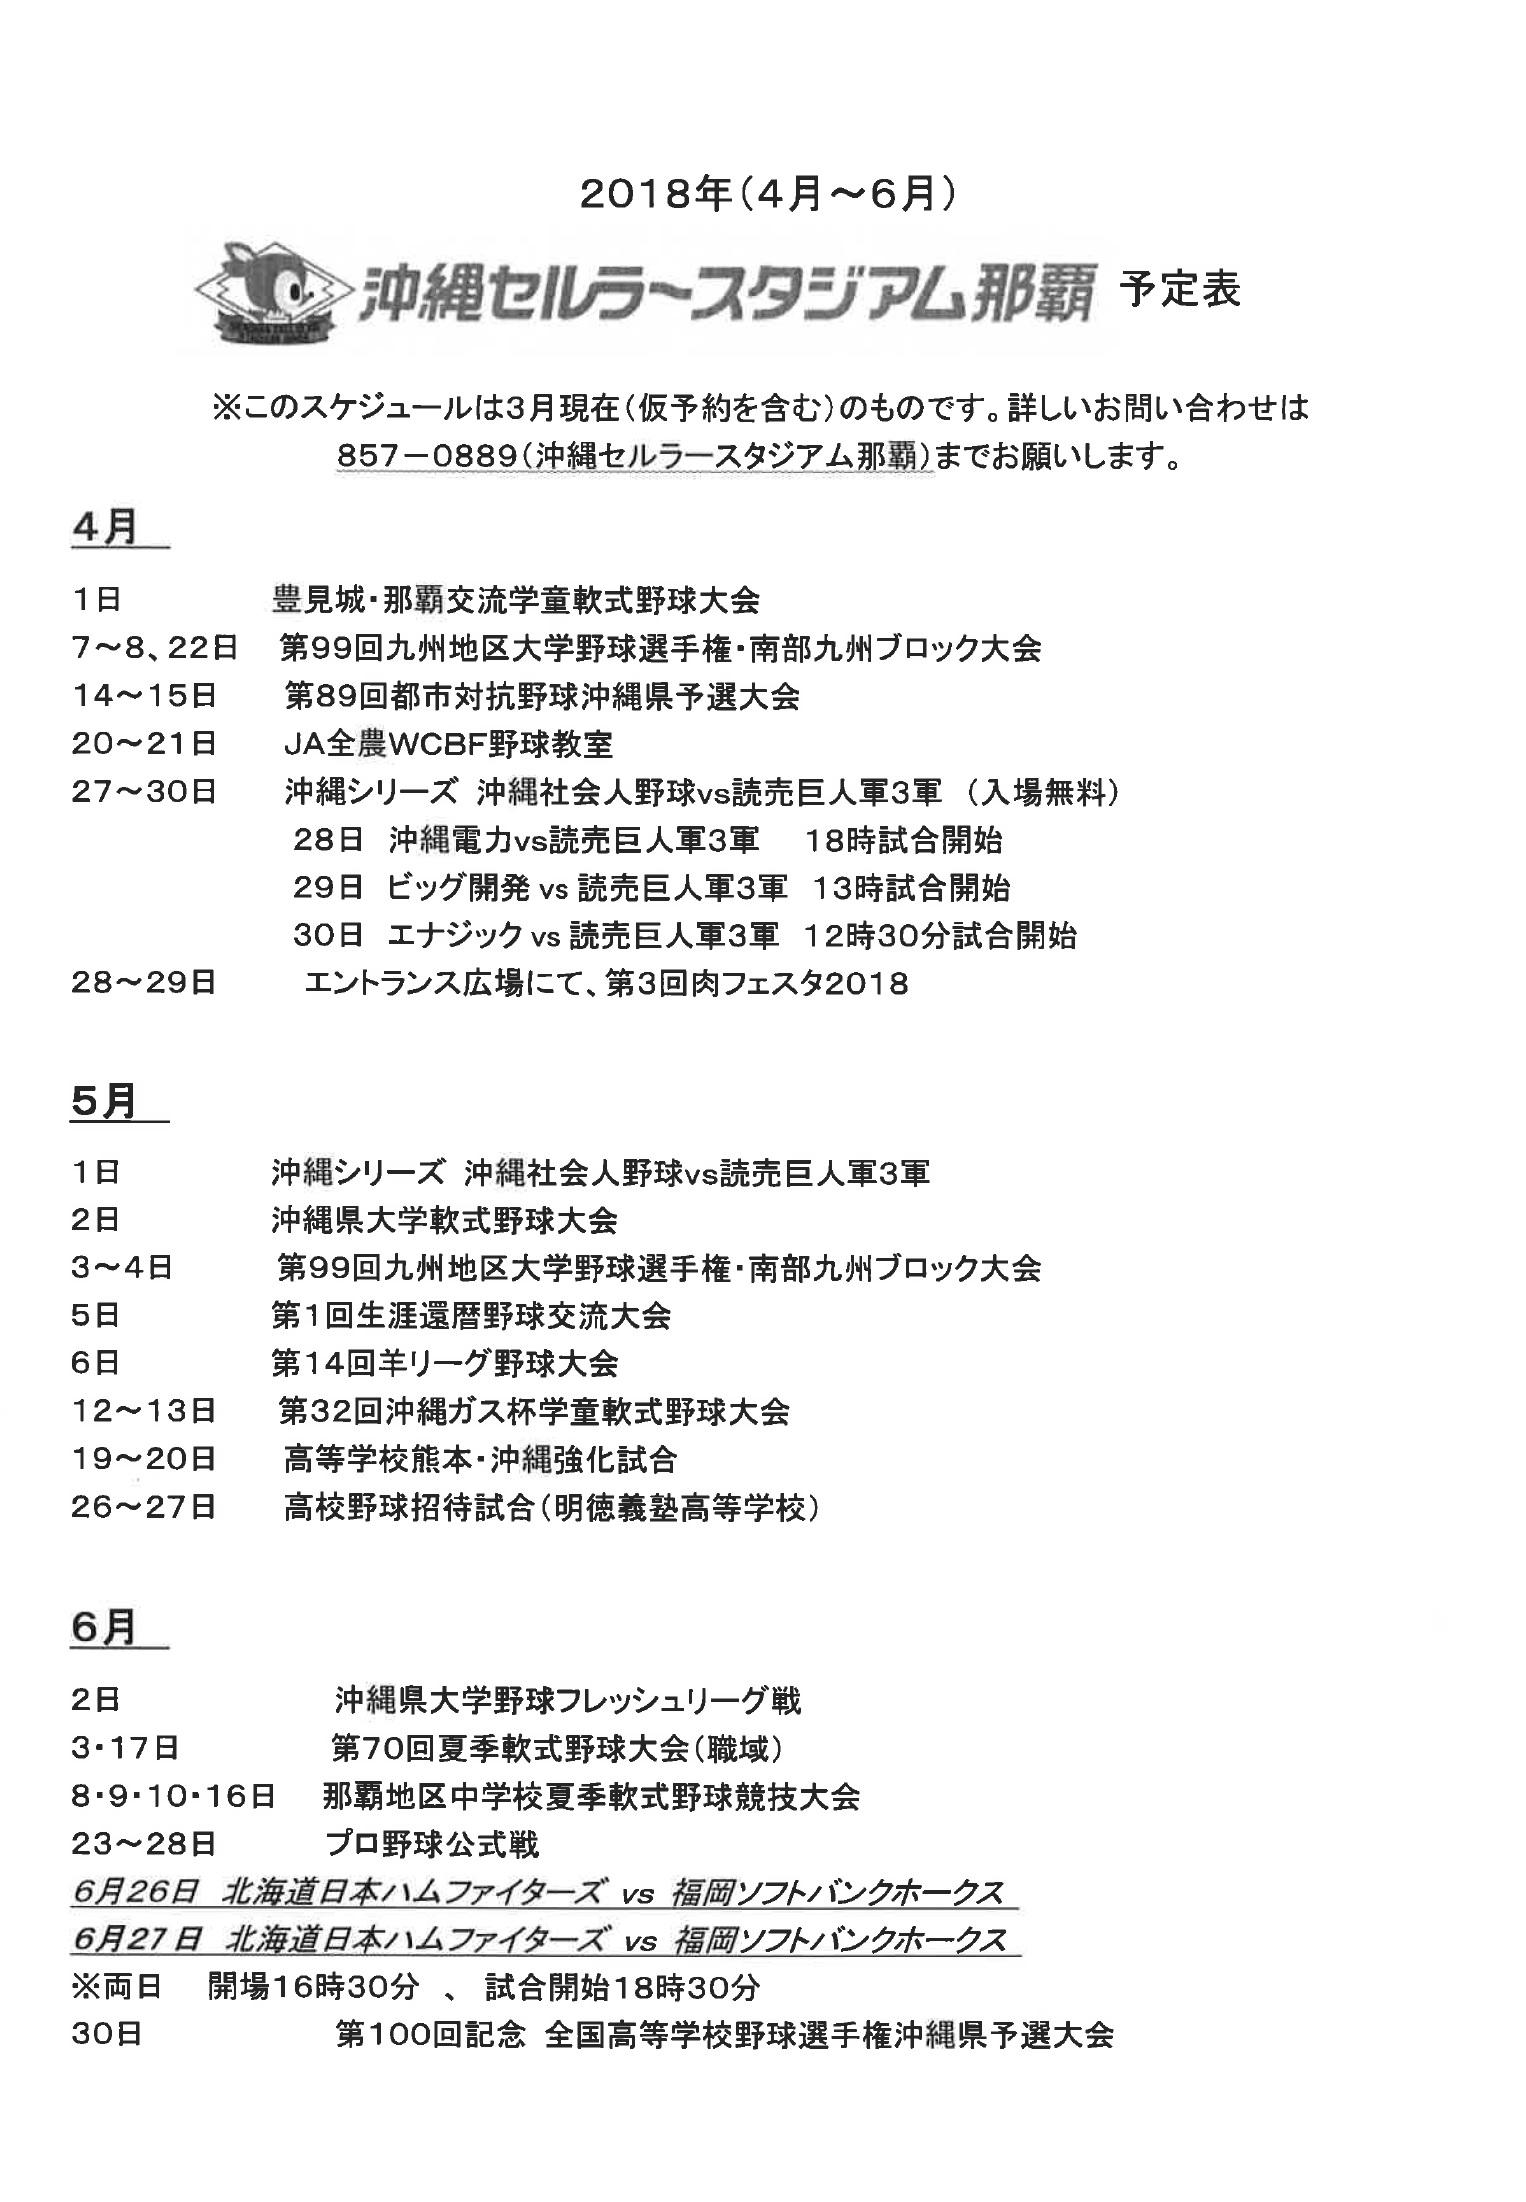 4月~6月日程表